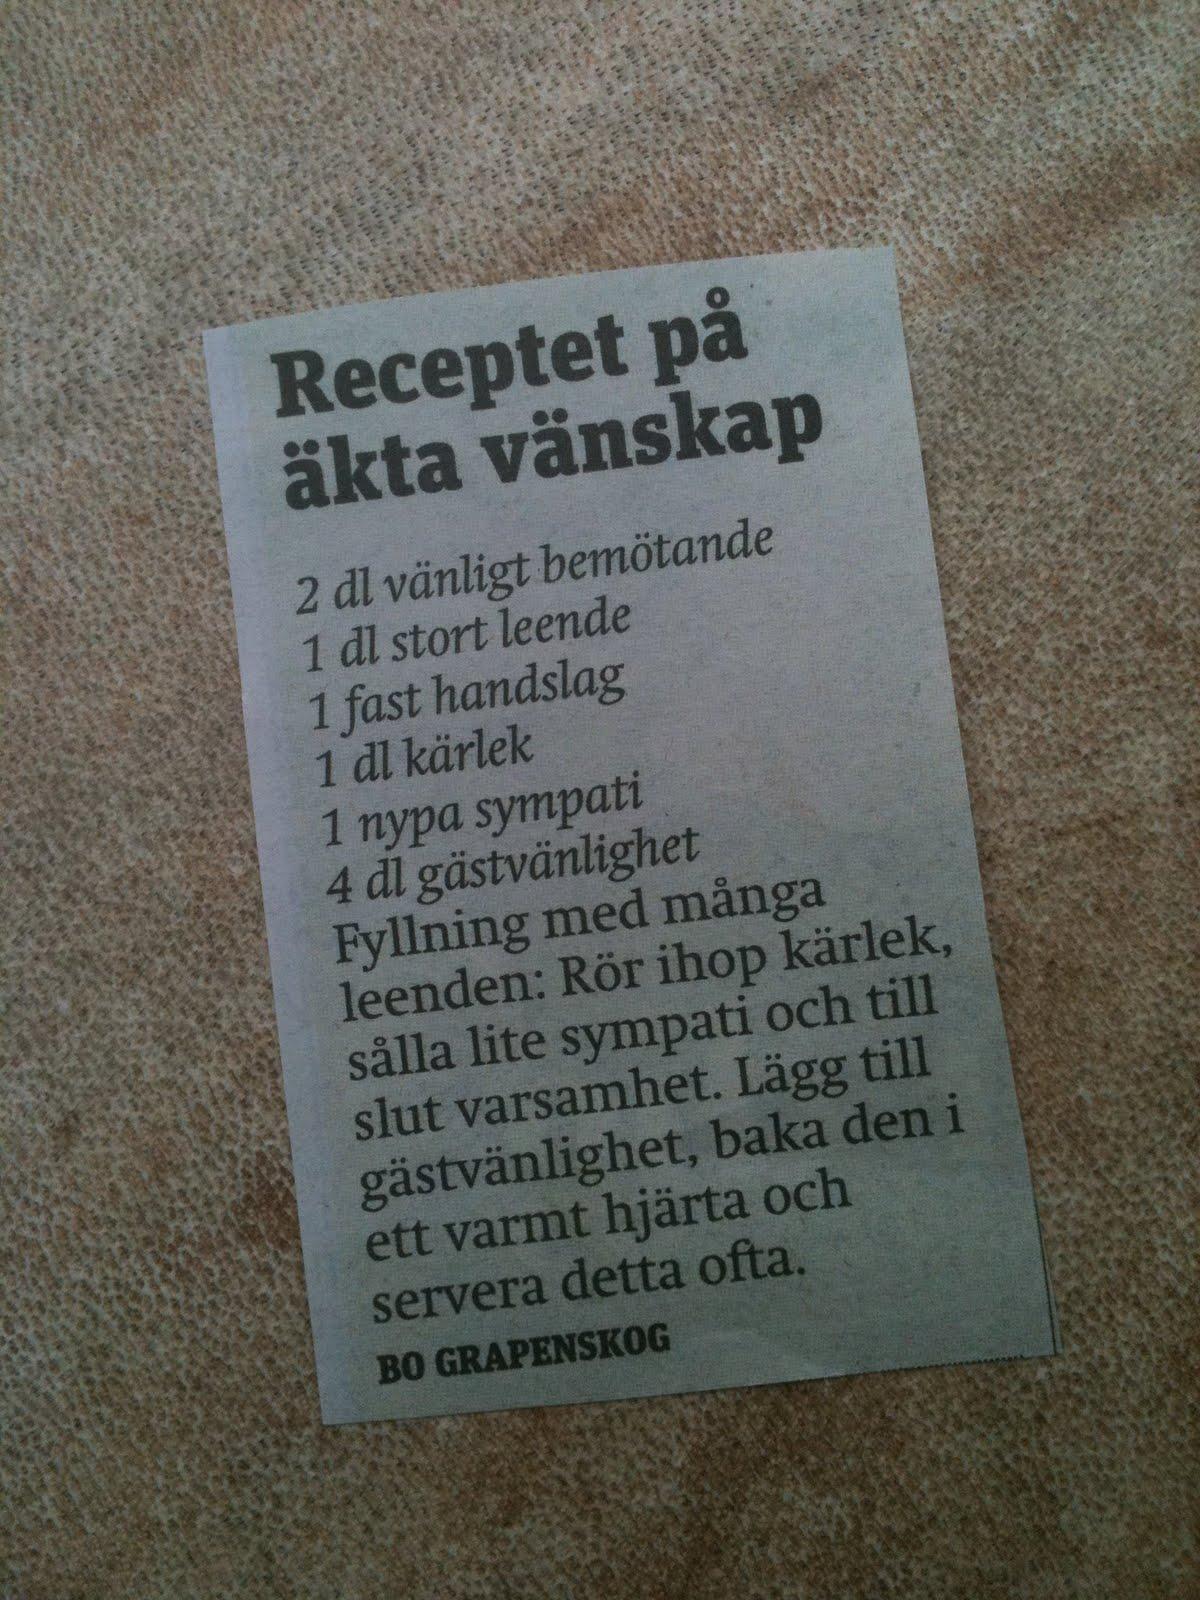 mötesplatsen vad är min zon Skellefteå